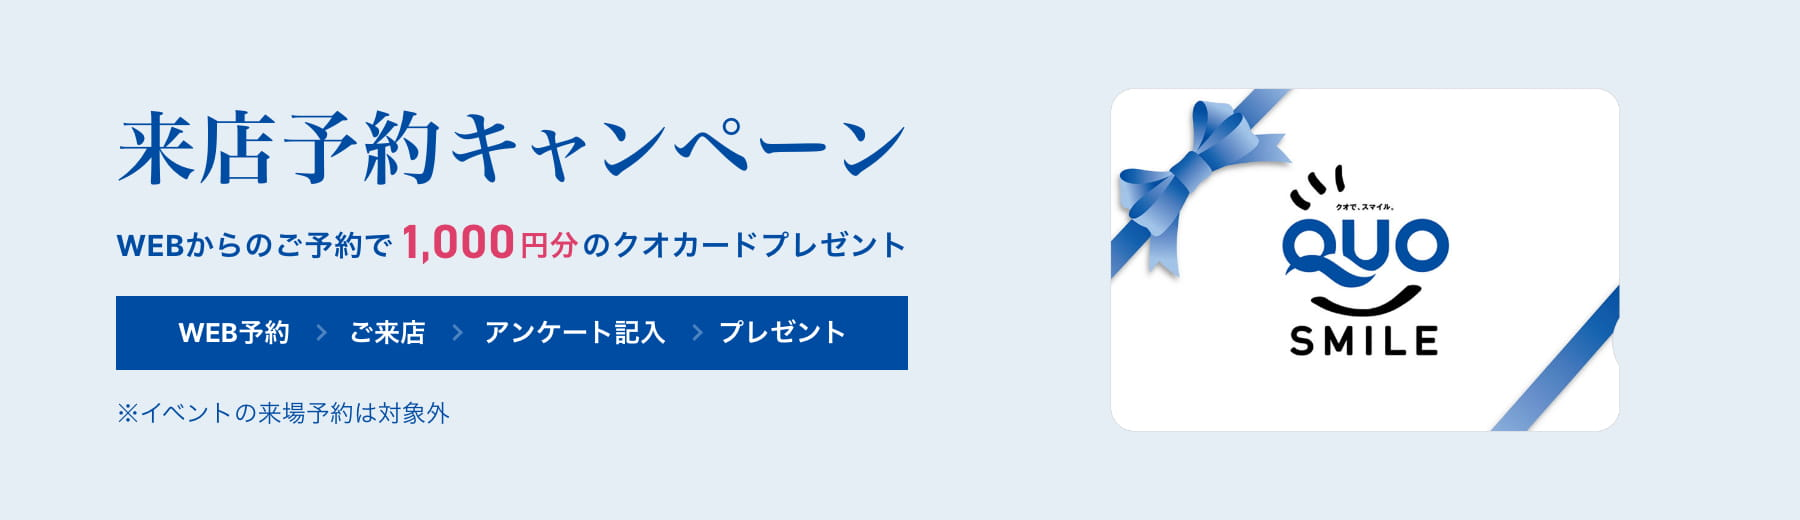 来店予約キャンペーン WEBからのご予約で1,000円分のクオカードプレゼント